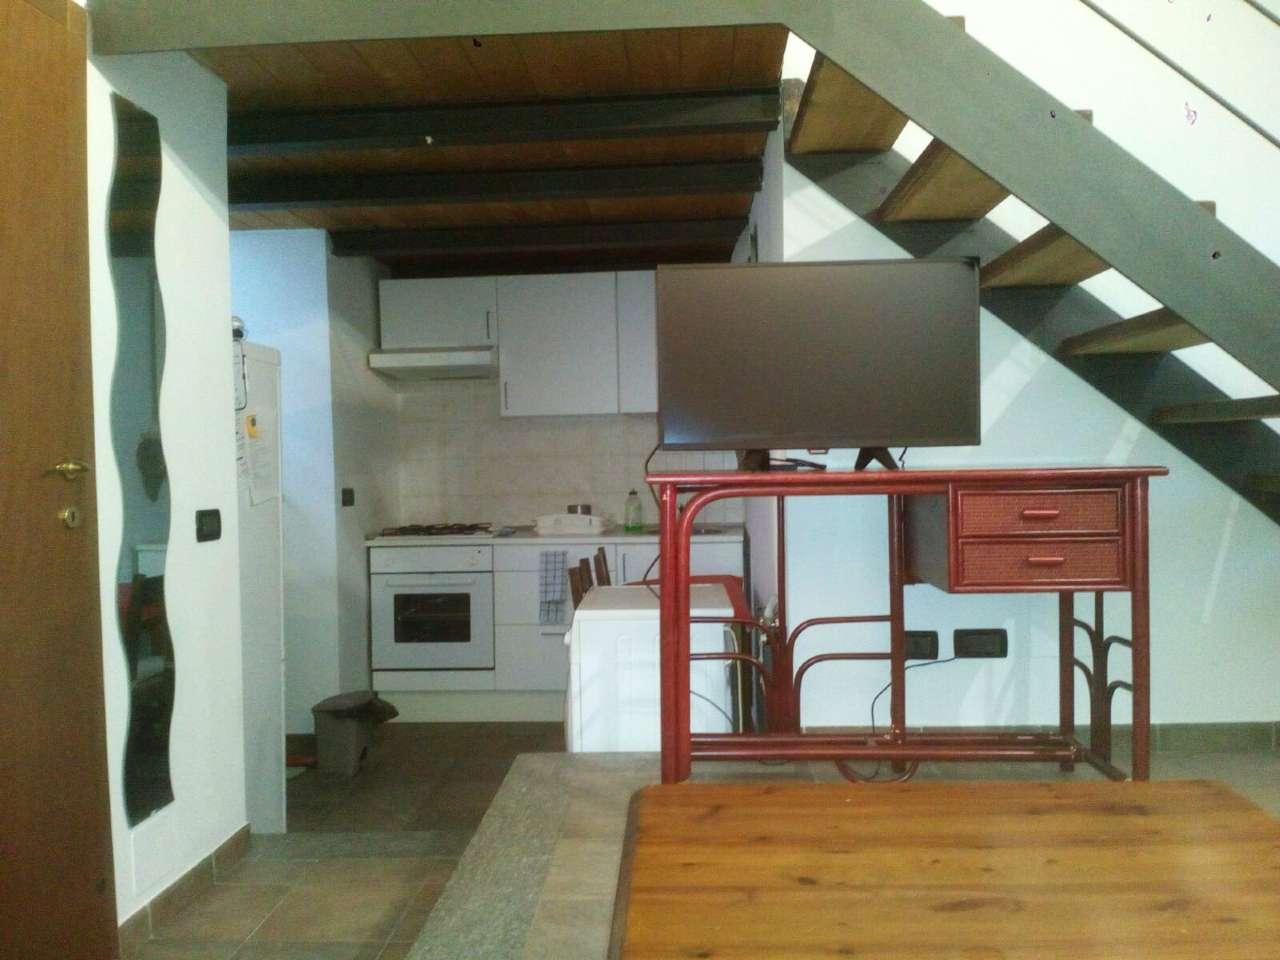 Appartamento in affitto a Chivasso, 1 locali, prezzo € 380 | PortaleAgenzieImmobiliari.it